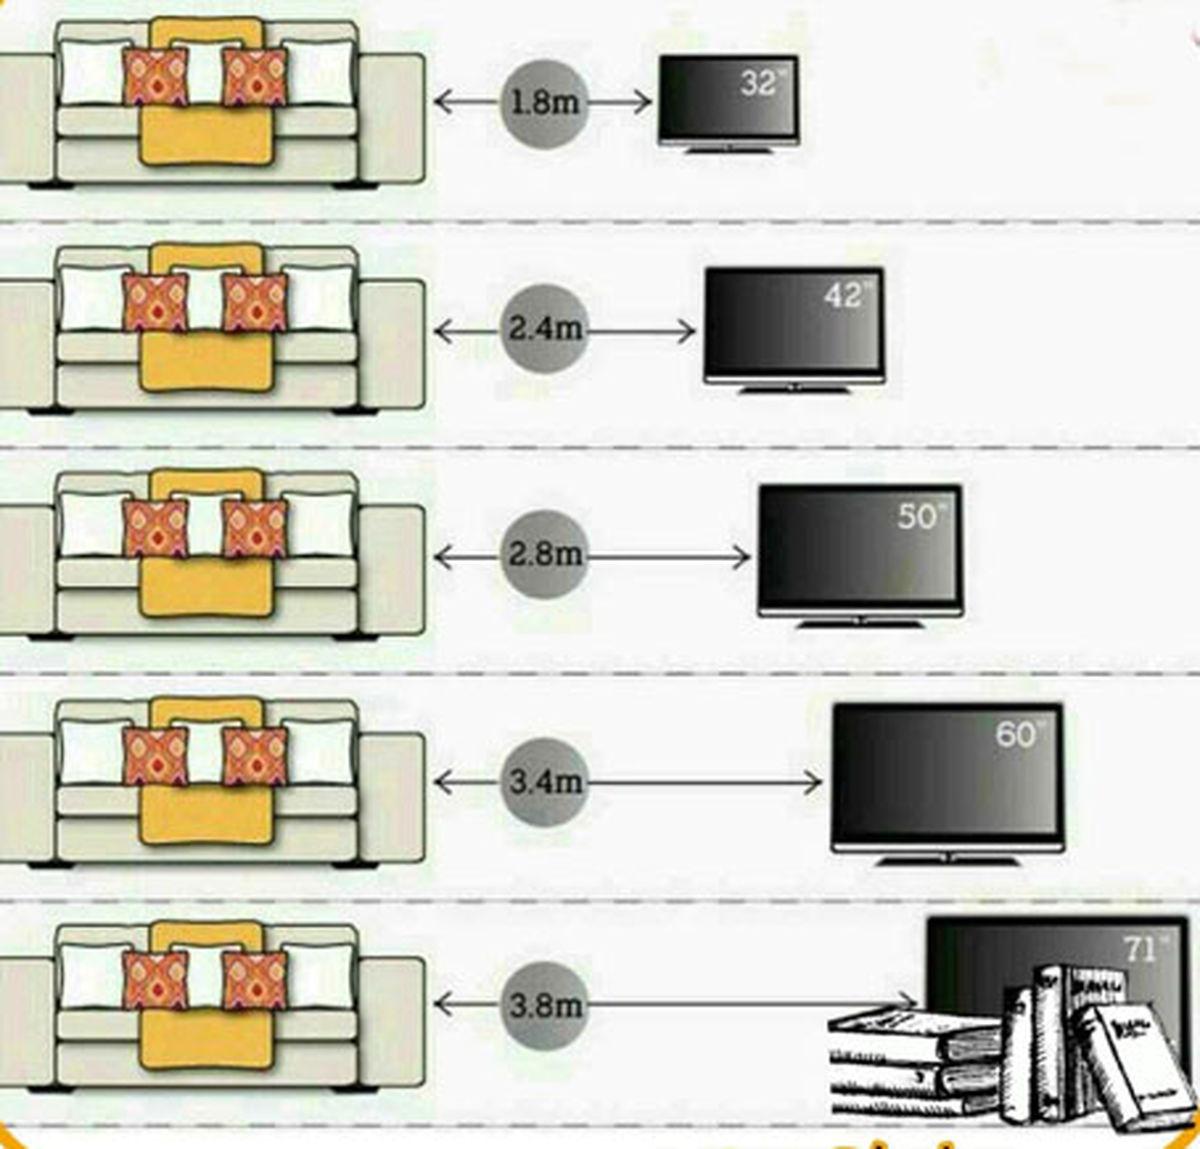 فاصله استاندارد از تلویزیون با توجه به سایز صفحه